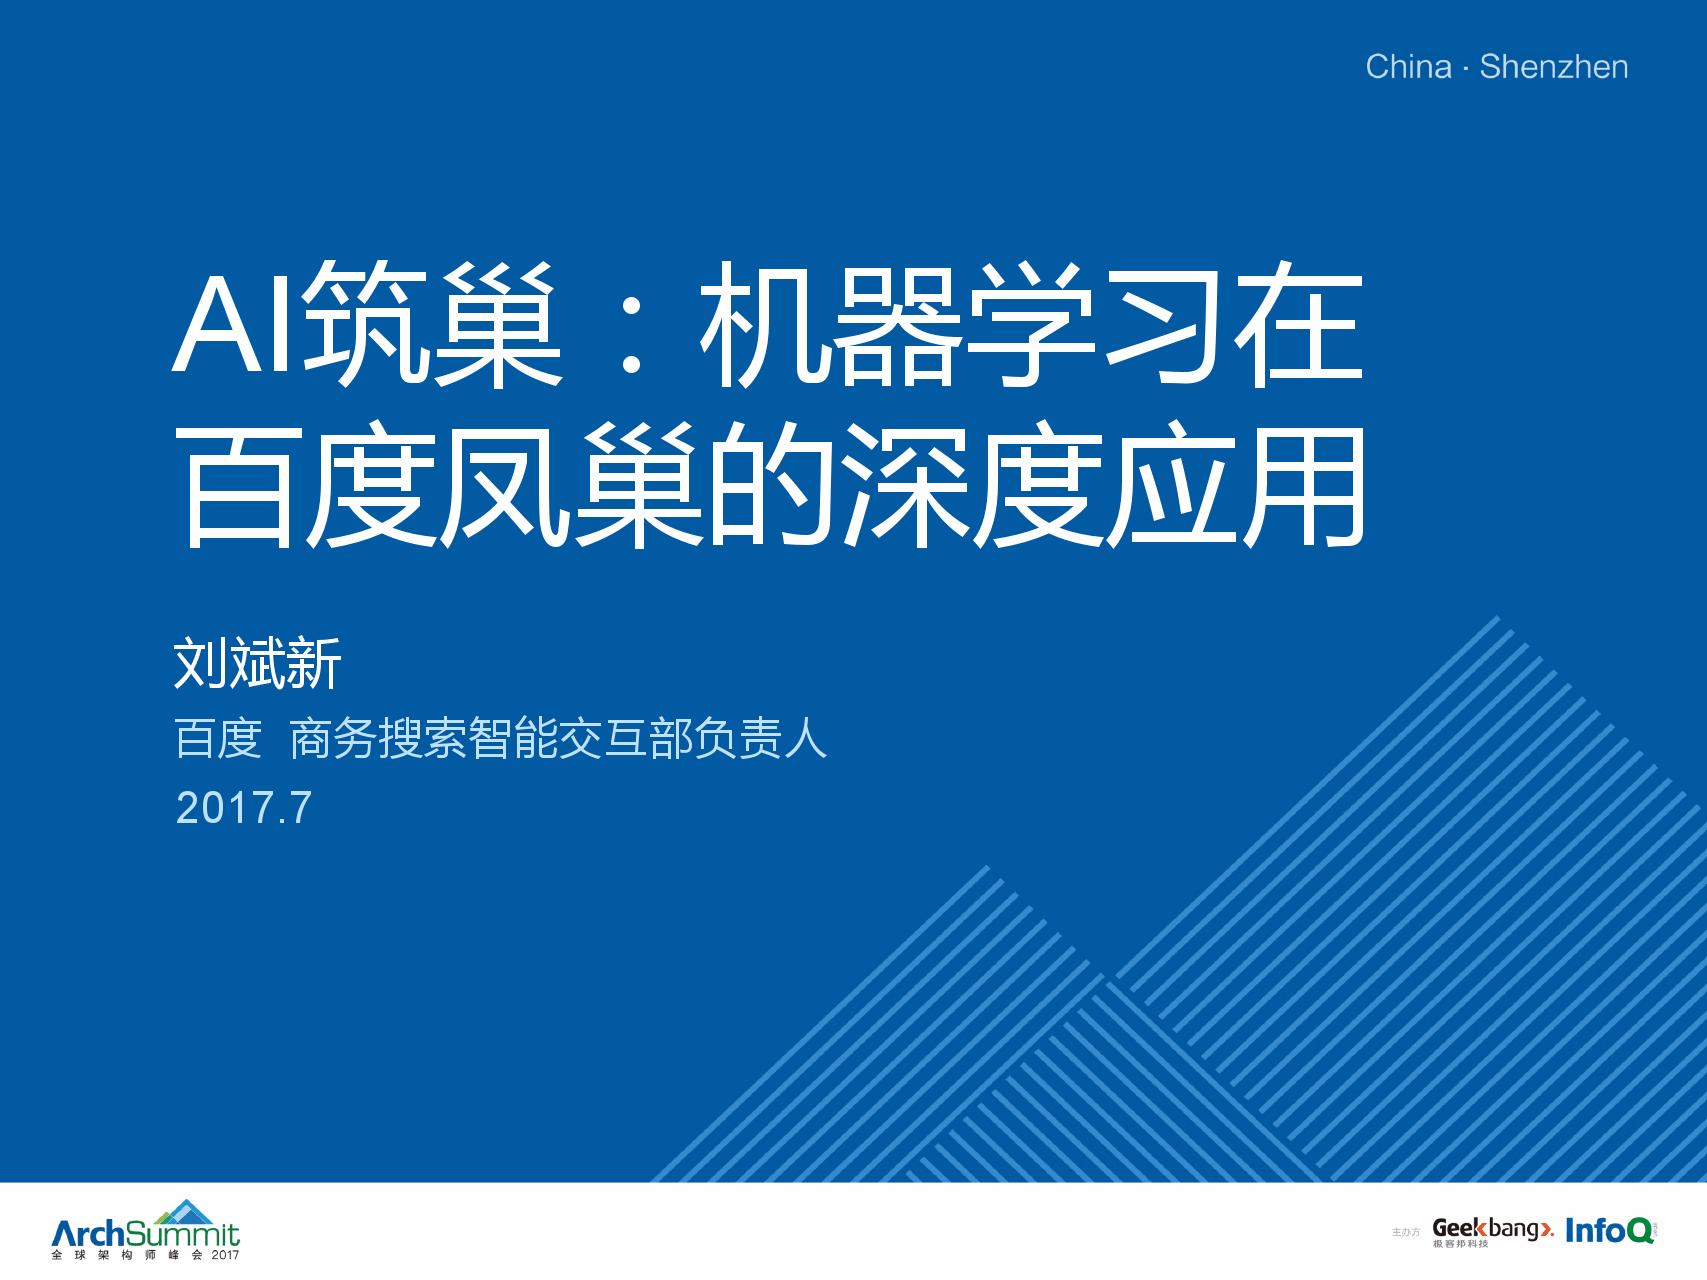 刘斌新-机器学习在百度凤巢的深度应用